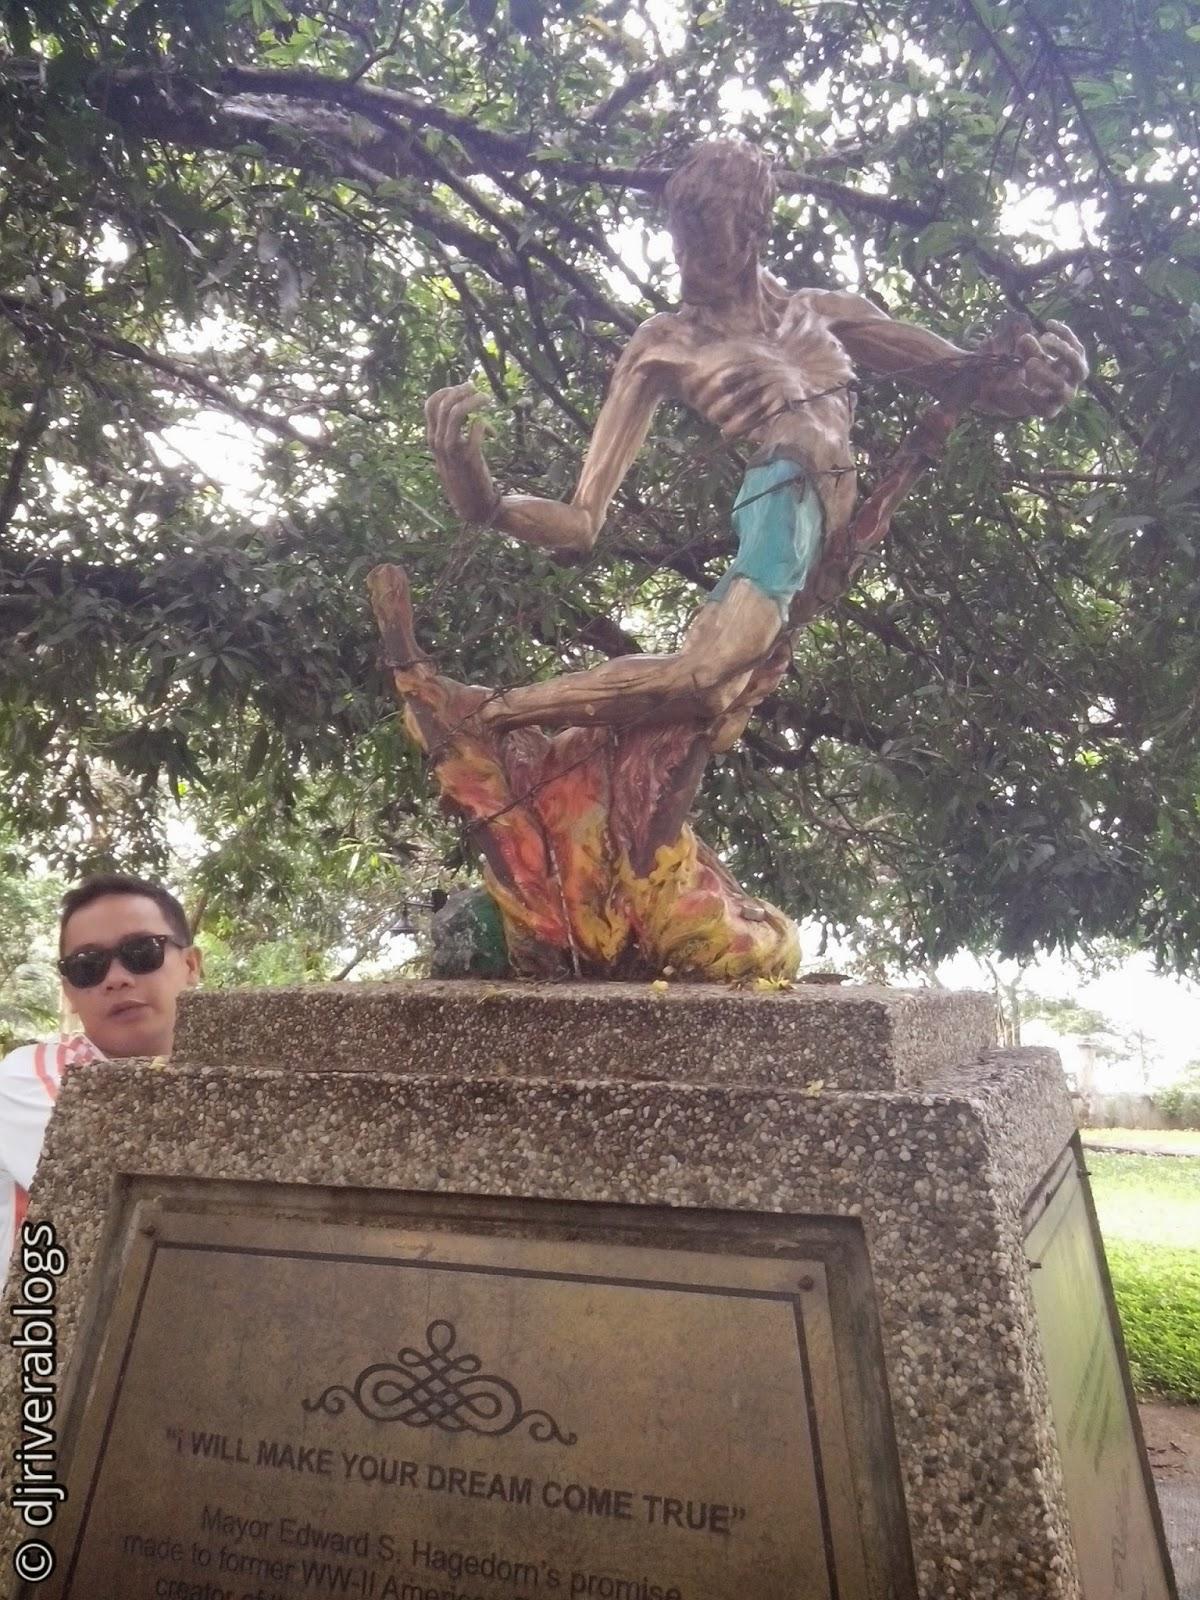 Plaza Cuartel sculpture